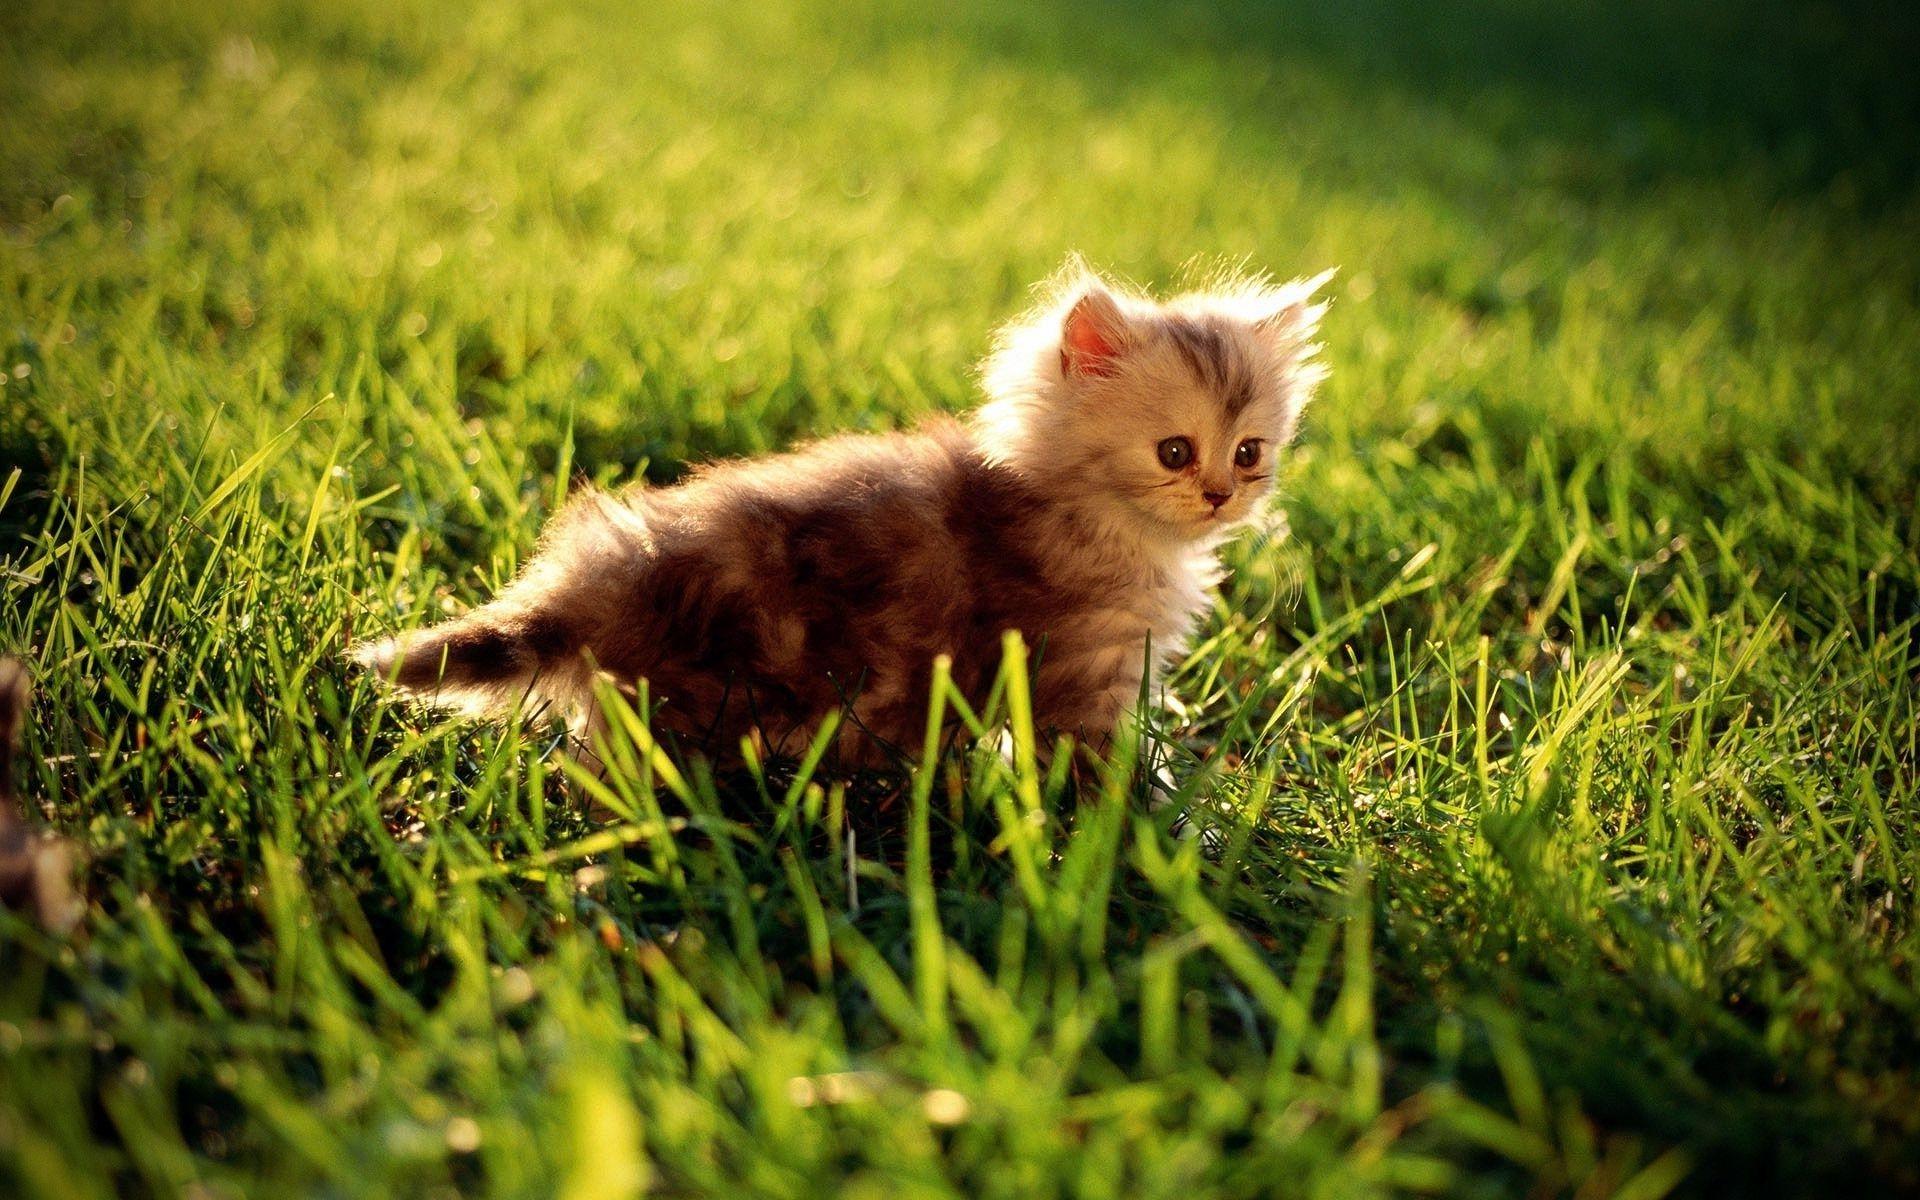 Котенок играющий с кошкой в траве  № 1994922 бесплатно